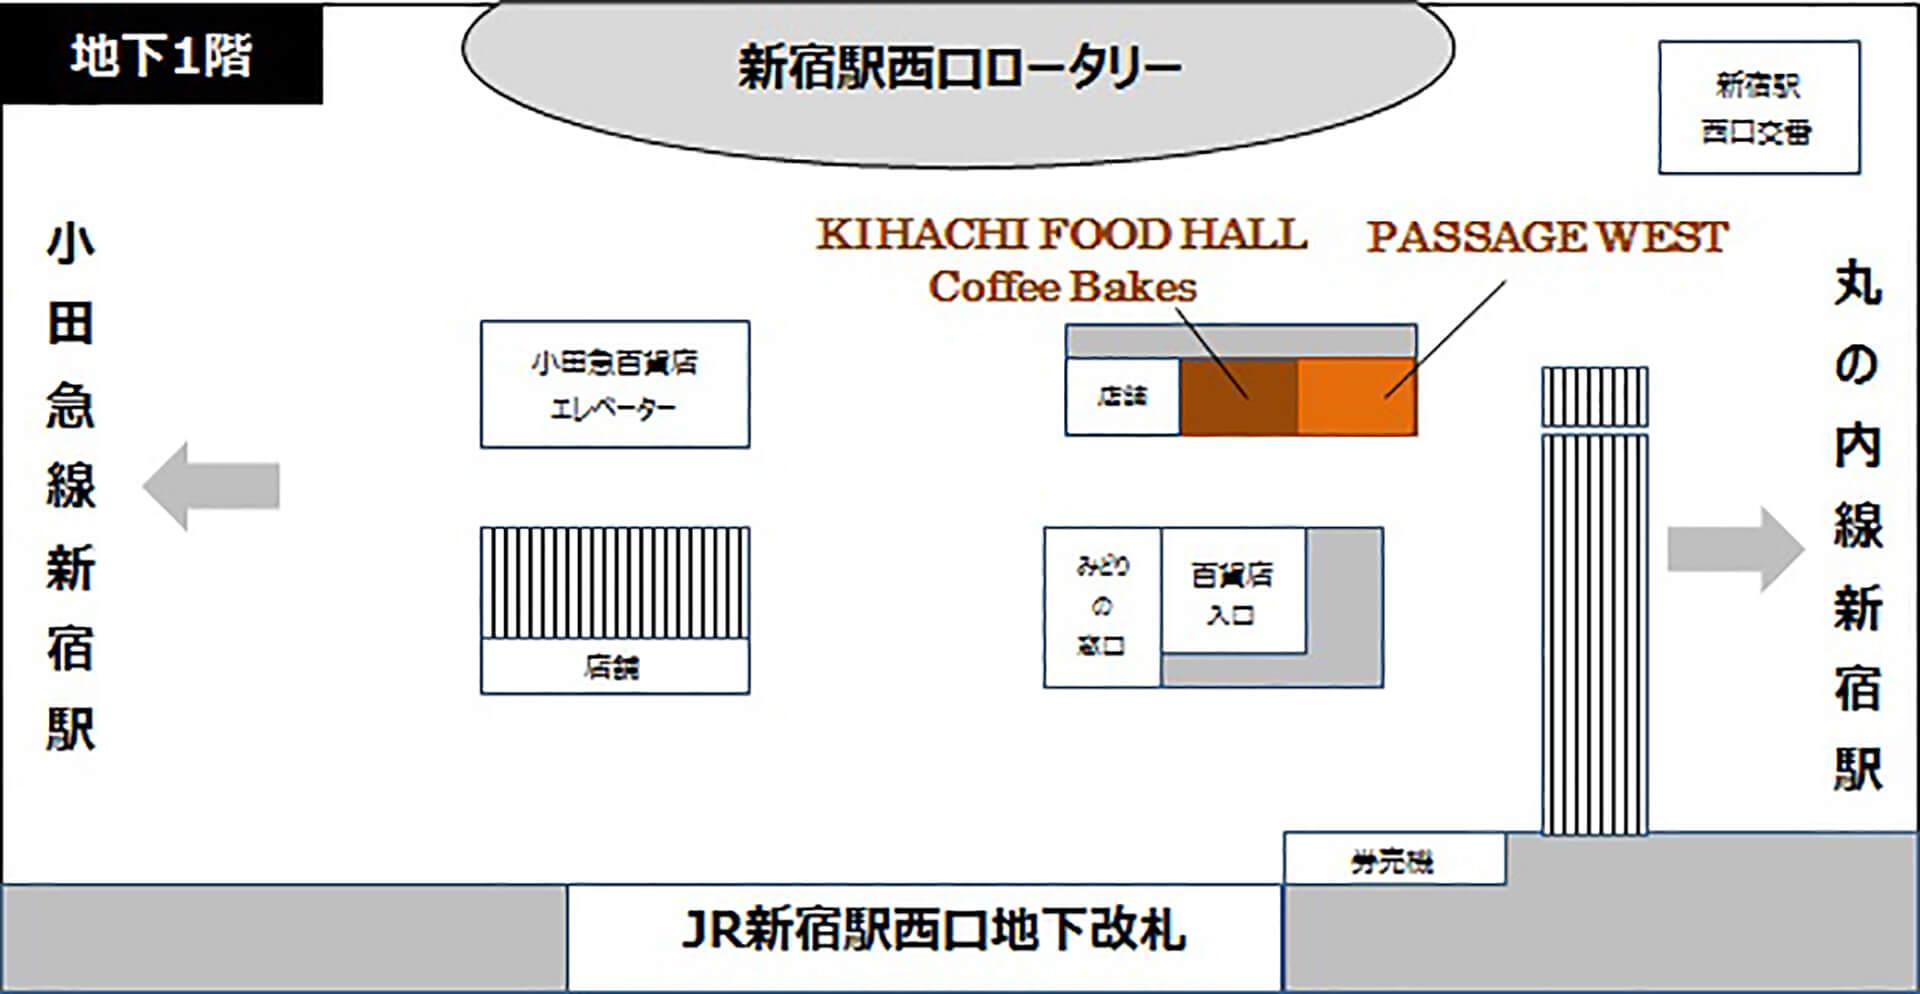 食のイベントスペース『PASSAGE WEST』&『KIHACHI FOOD HALL Coffee Bakes』地図